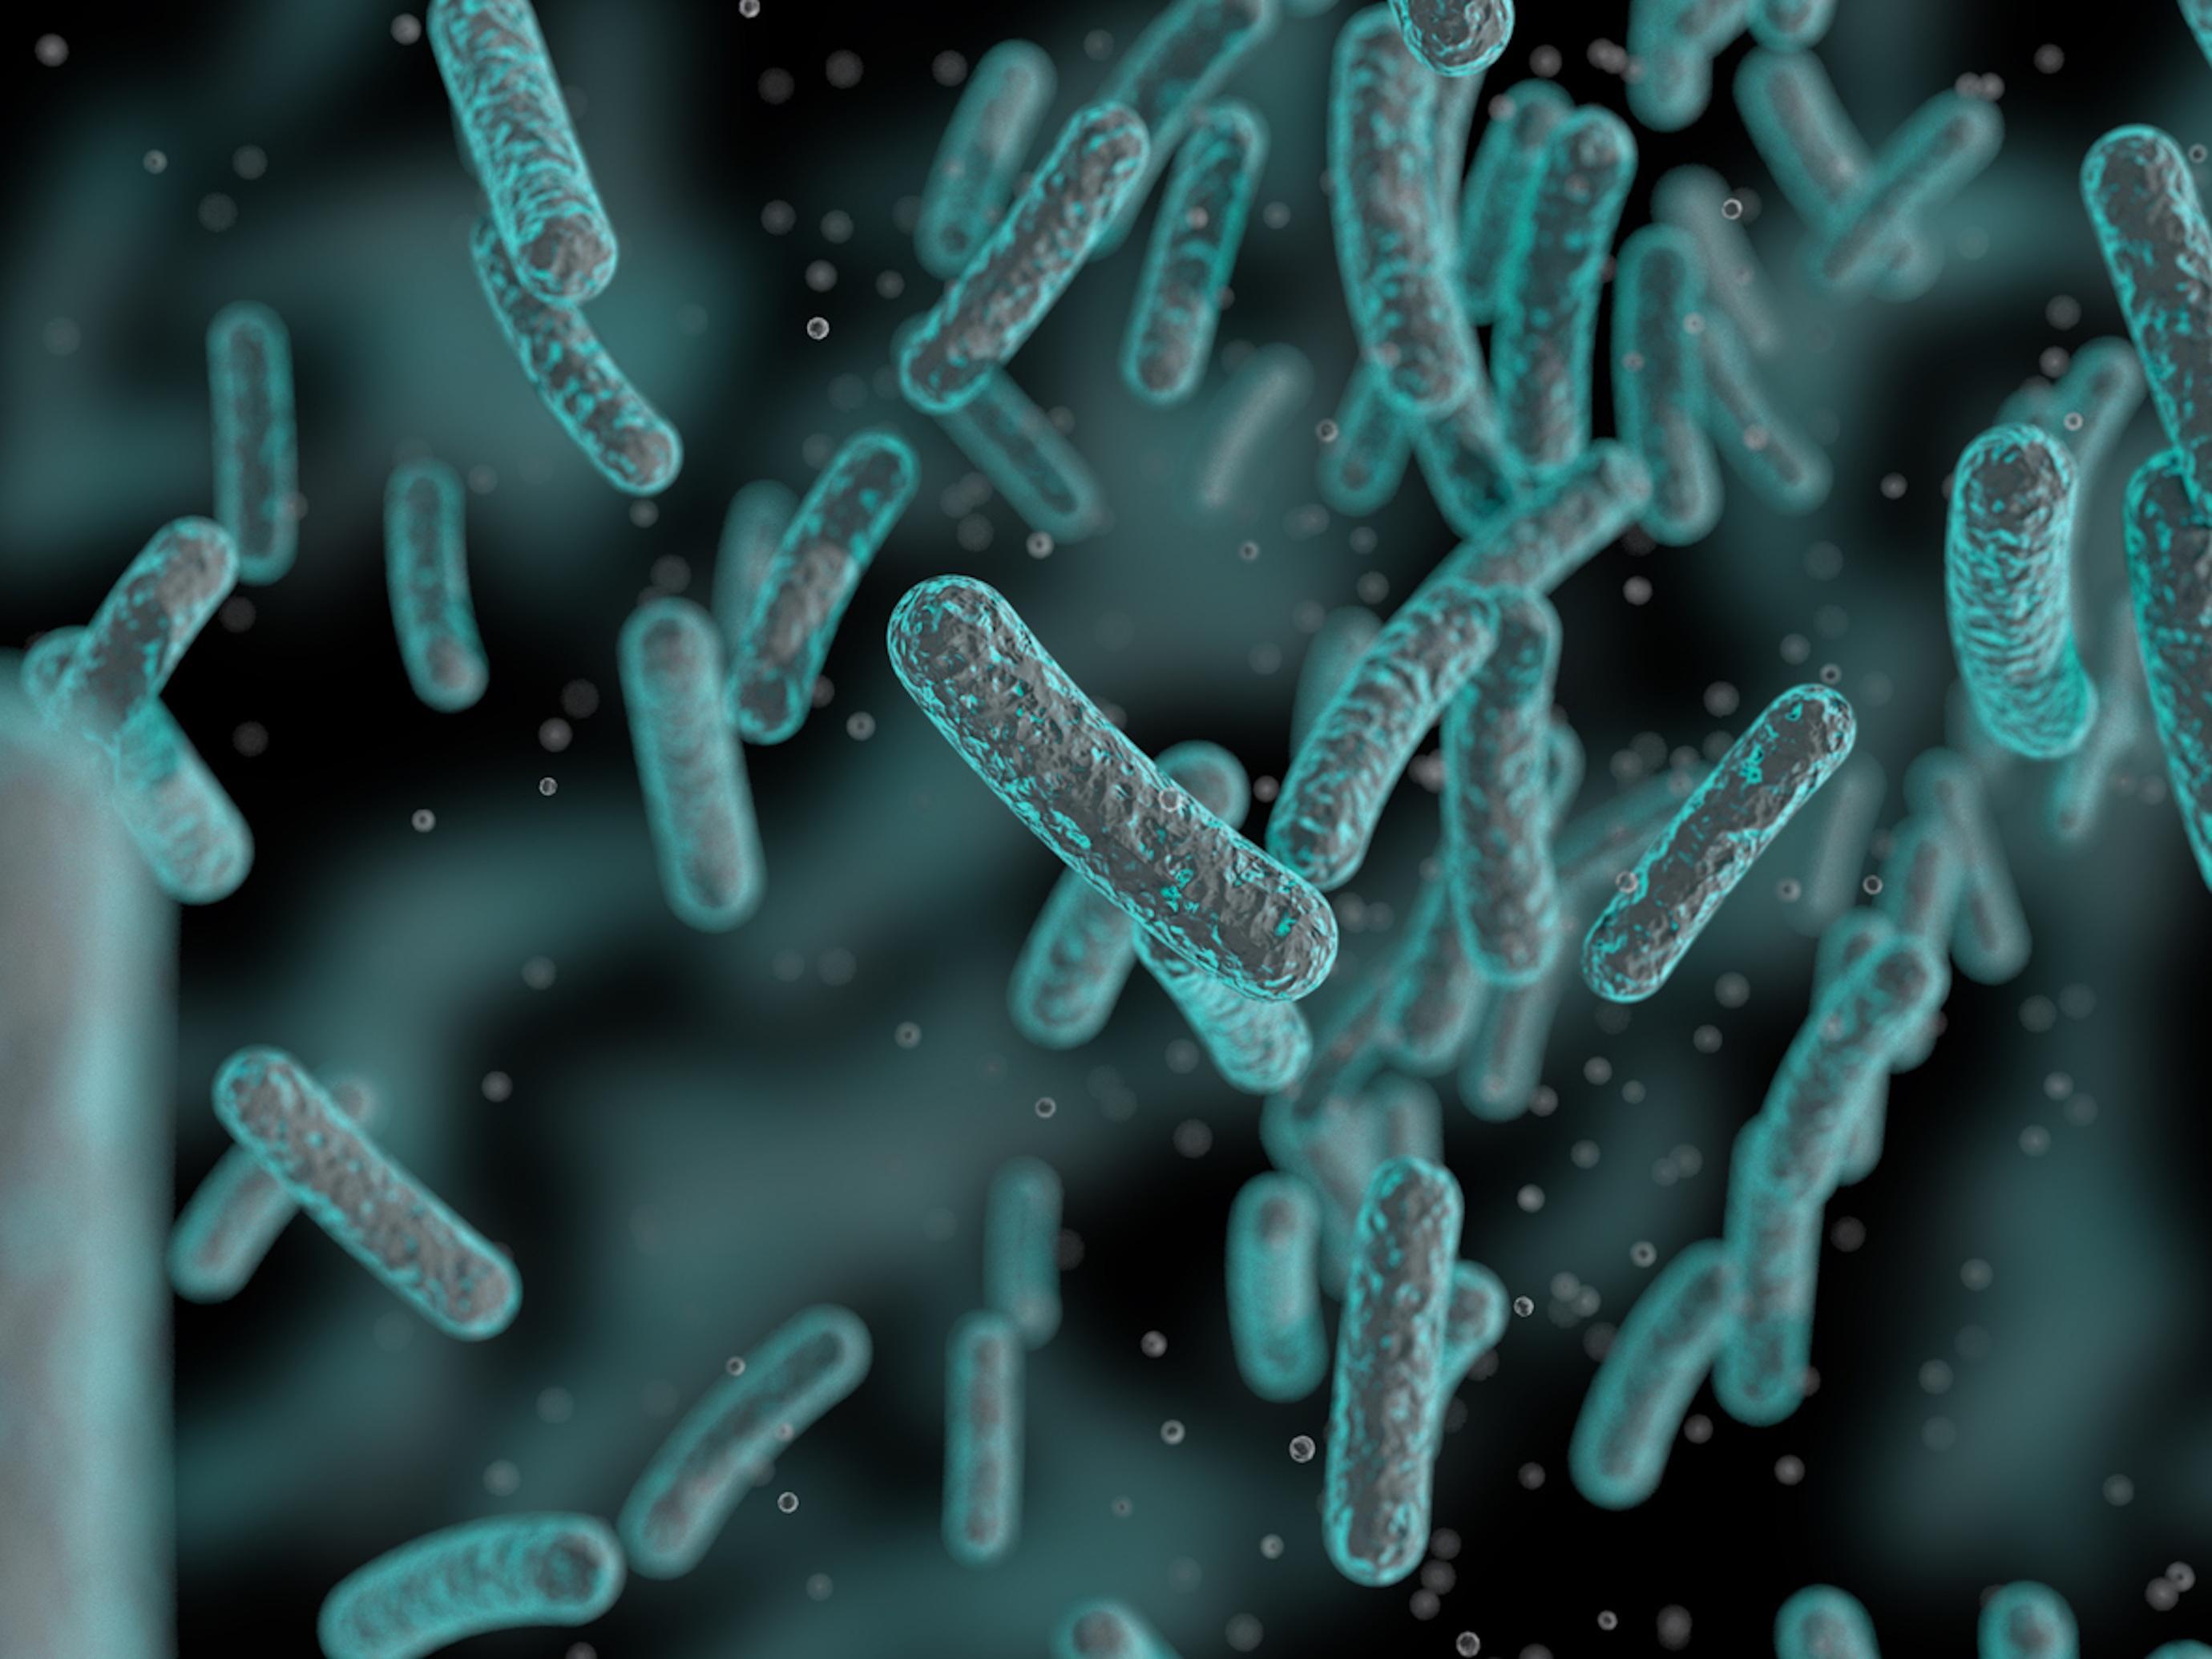 Antibiorésistance : une nouvelle molécule tue 5 super-bactéries résistantes